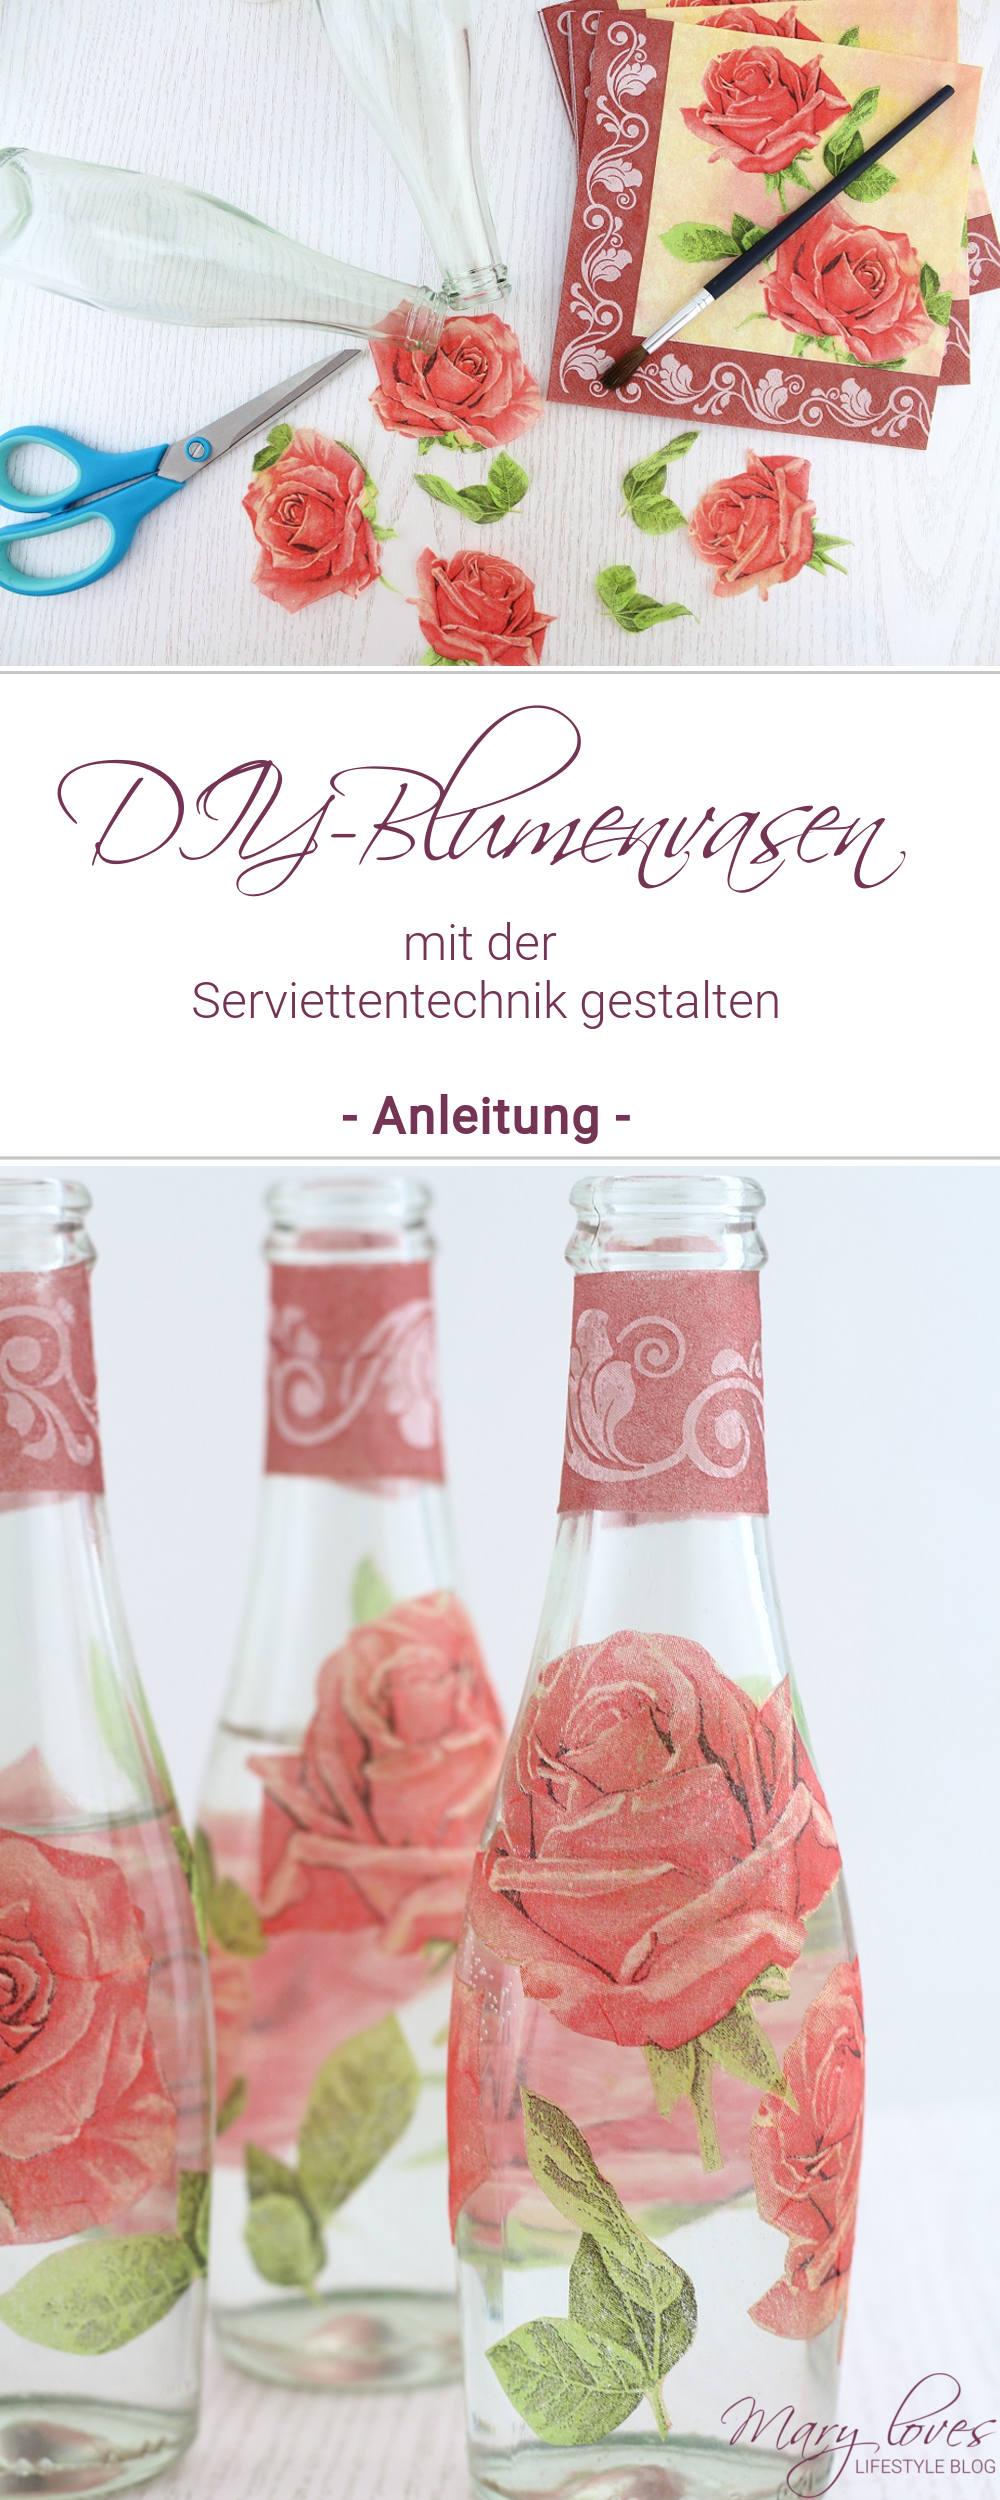 DIY-Blumenvasen mit Serviettentechnik gestalten - #Serviettentechnik #upcycling #blumenvasen #diyblumenvasen #geschenkidee #diygeschenkidee